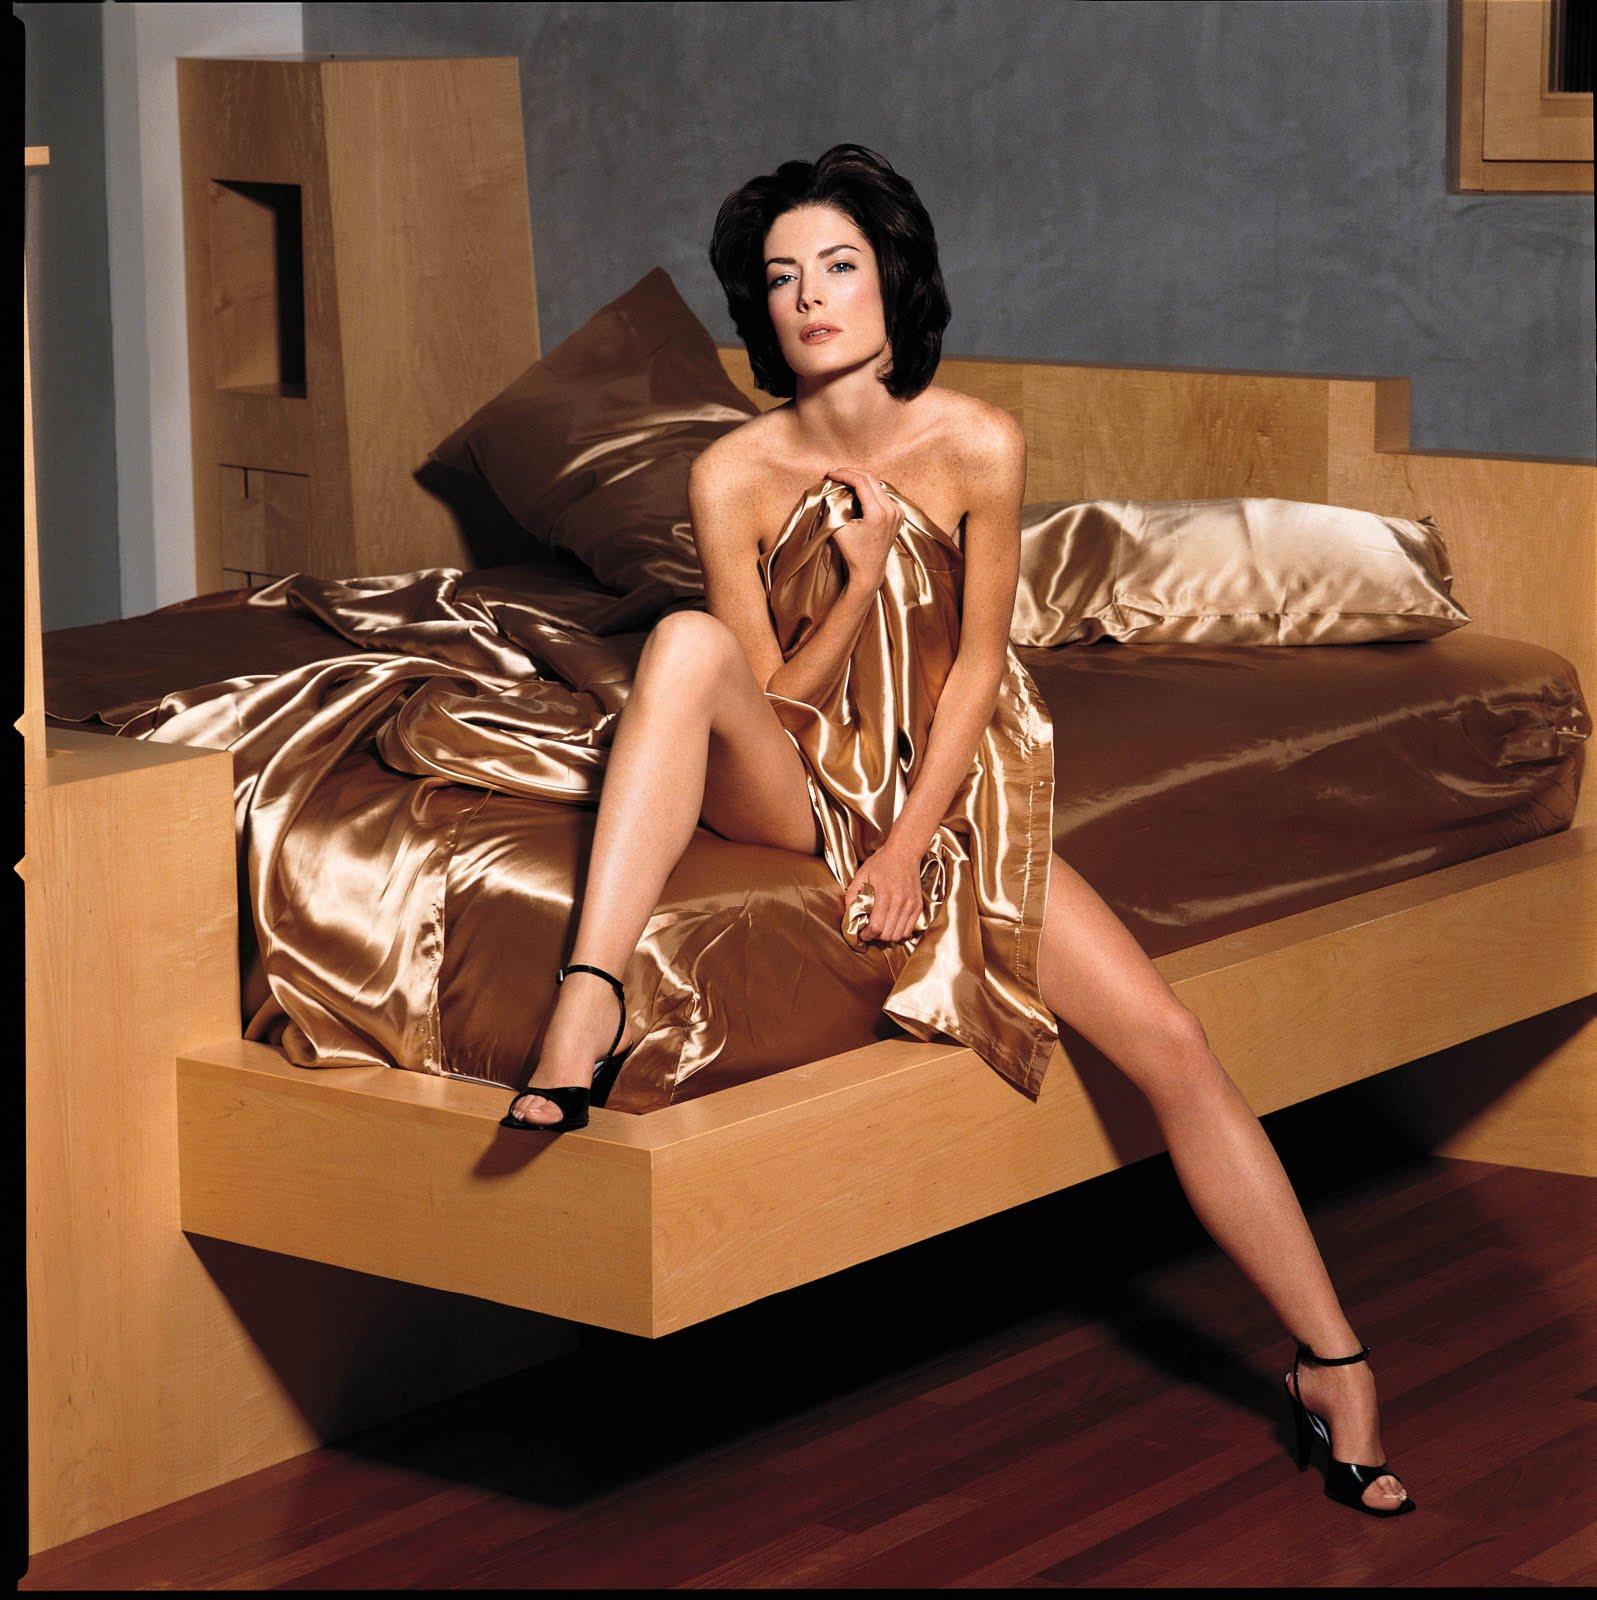 http://3.bp.blogspot.com/_UaLWp72nij4/S_GiYyp4RWI/AAAAAAAALeY/mQRm0X4QG90/s1600/lara-flynn-boyle-feet-2.jpg